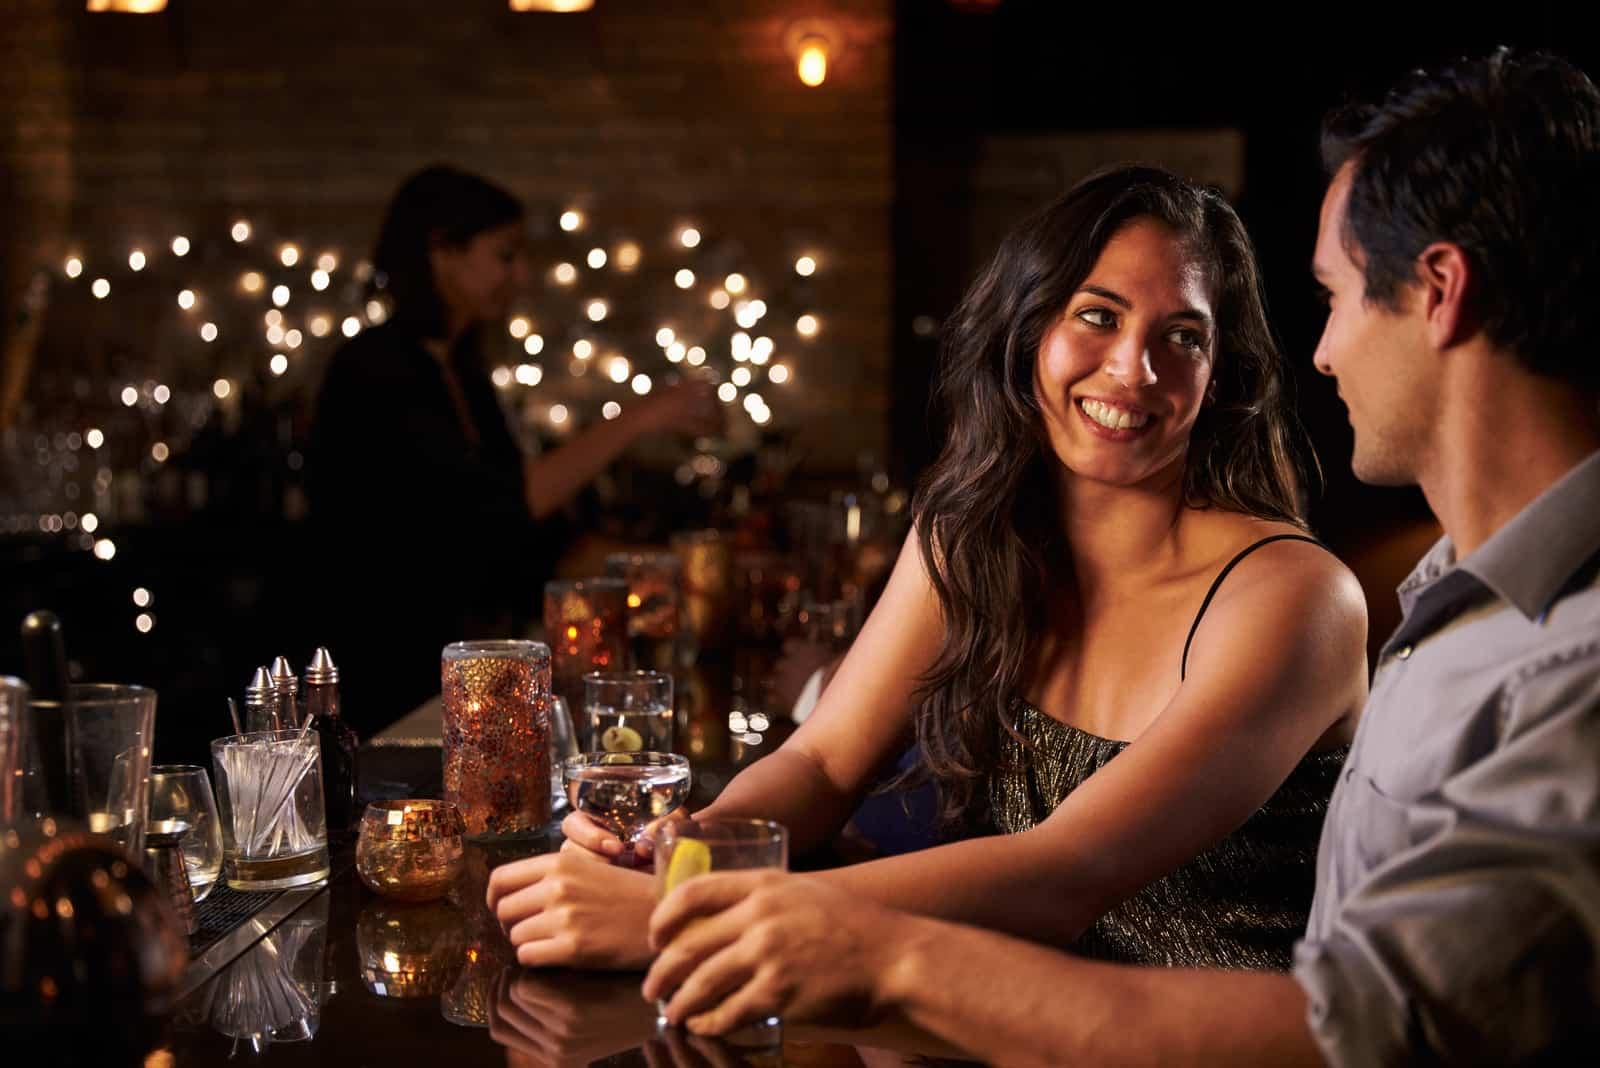 homme et femme buvant des boissons assis dans un bar